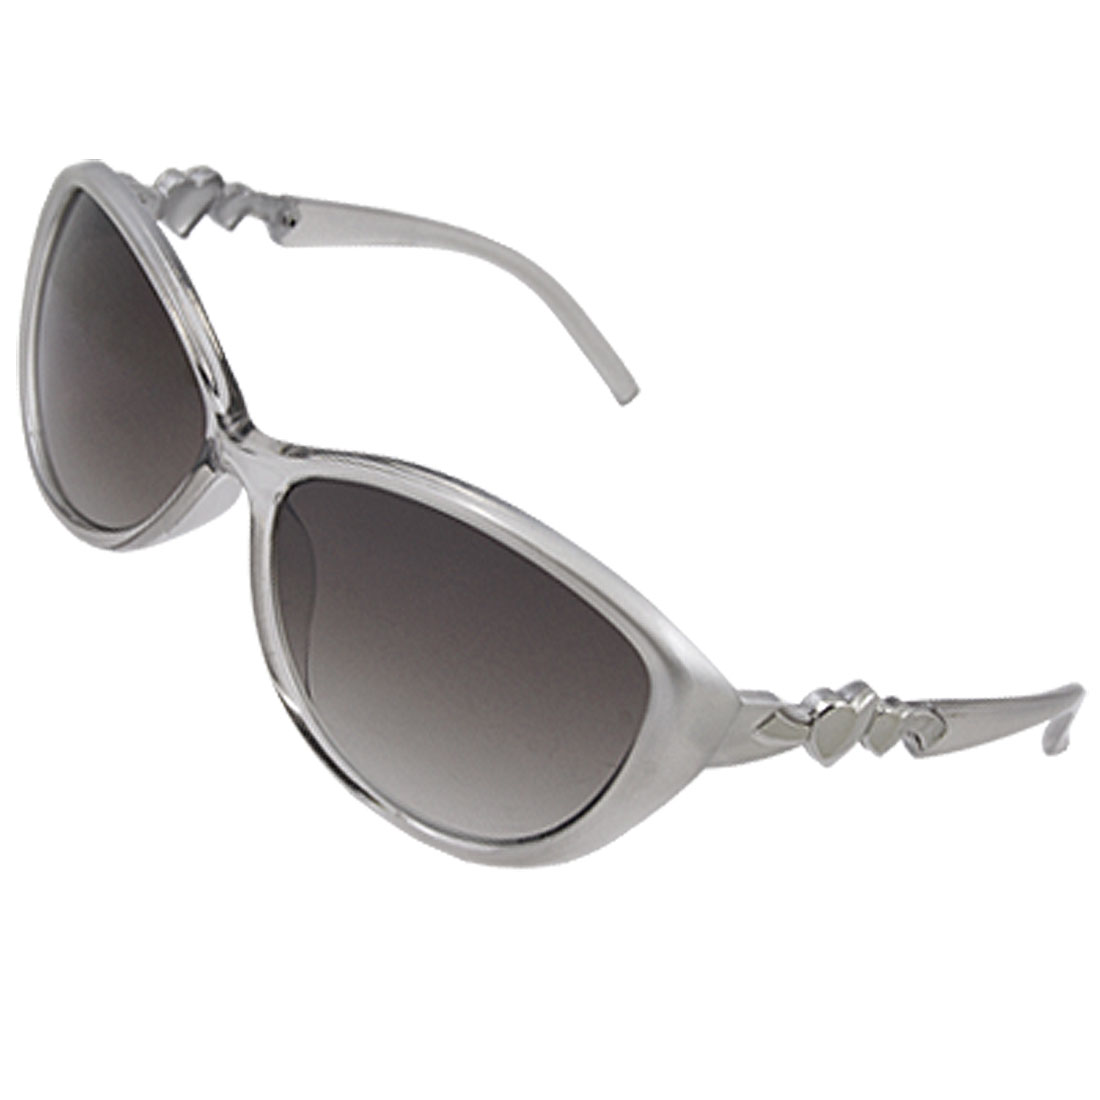 Dark Oval Lens Heart Style Arm Gray Sunglasses for Women